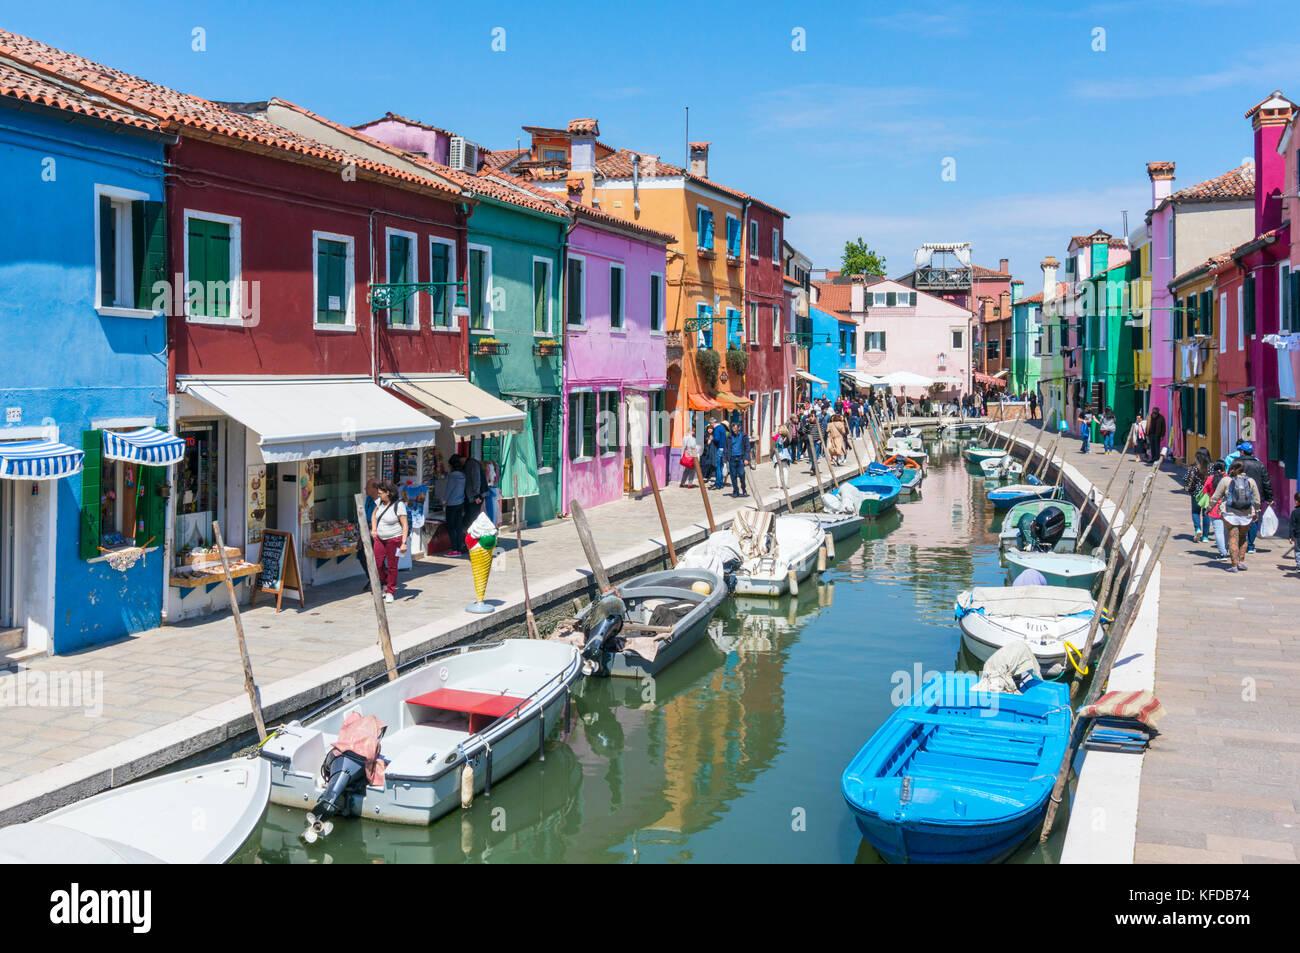 Venecia Italia Venecia coloridas casas a lo largo de un canal en la isla de Burano ciudad metropolitana de la laguna Imagen De Stock